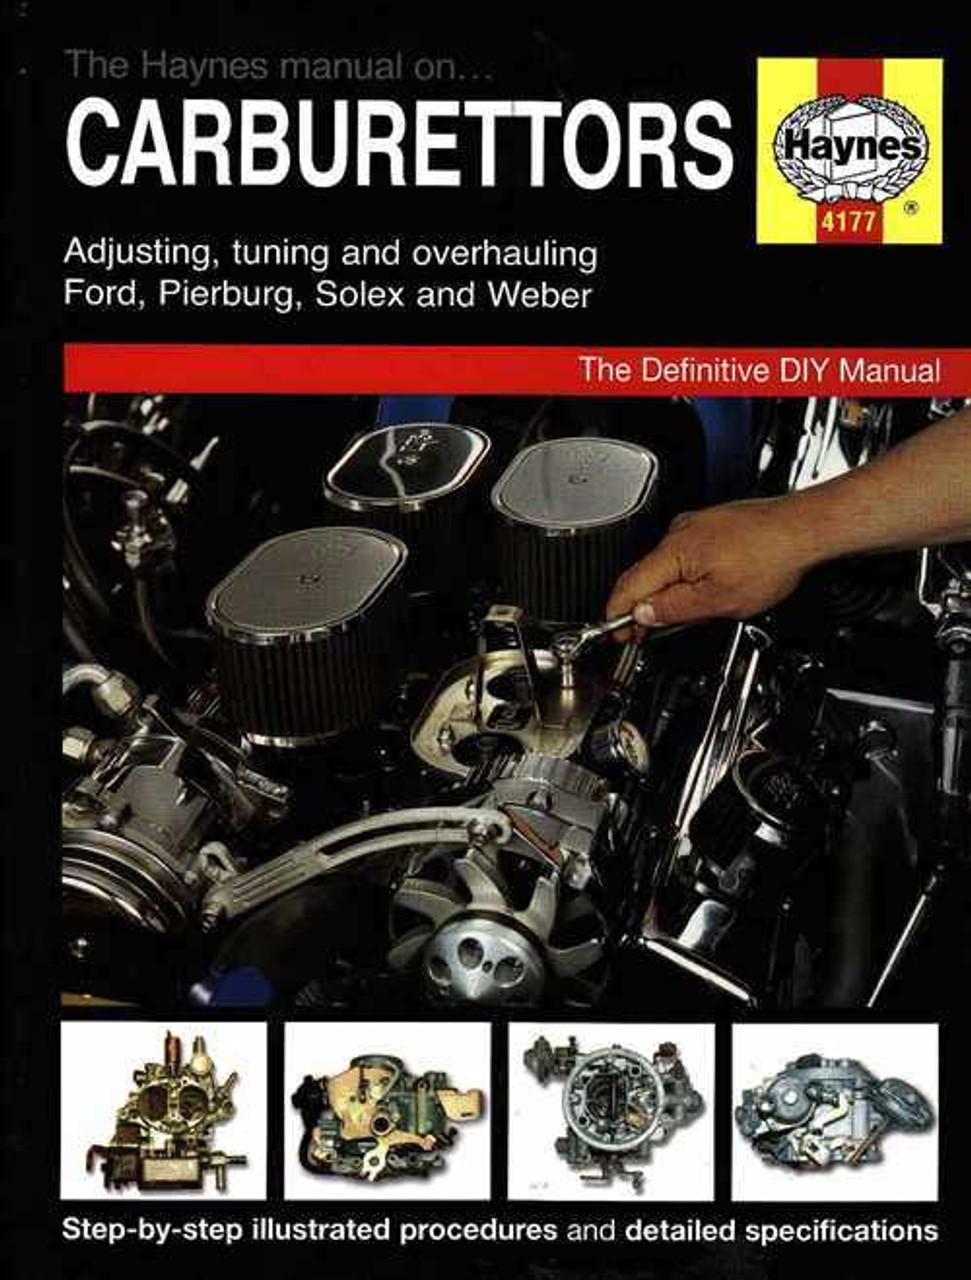 the haynes carburettors manual rh automotobookshop com au haynes carburettor manual haynes carburetor manual